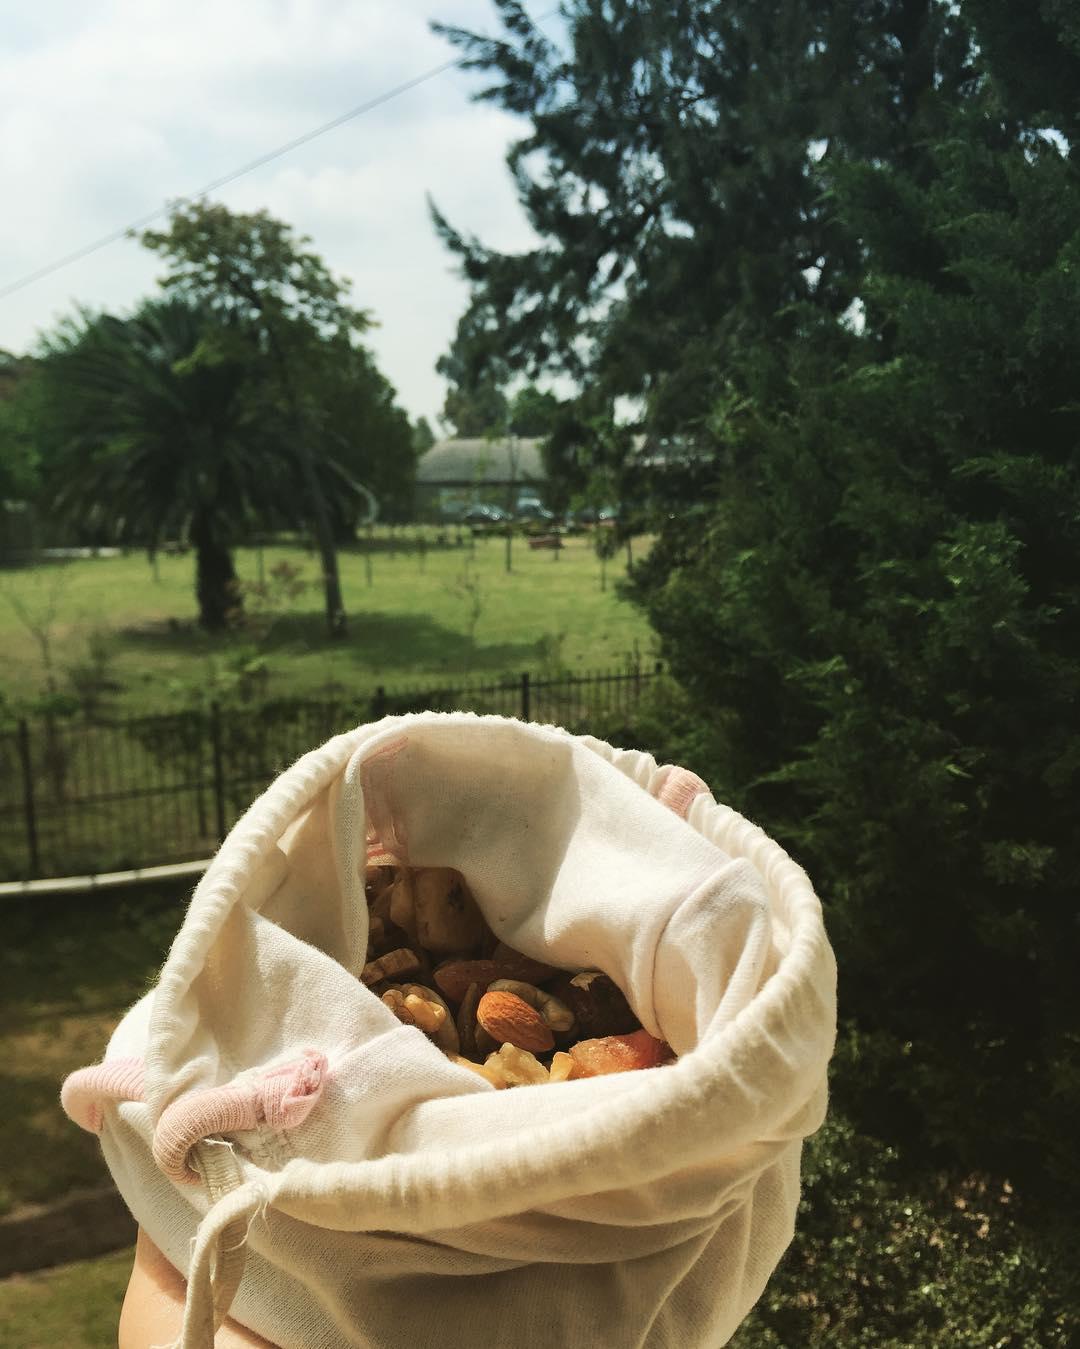 Fact#2: Podes comprar comida suelta y ponerlas en bolsitas de algodón en vez de usar bolsas plásticas. Sirve para: frutas, verduras, frutos secos, dátiles, harinas, cereales, legumbres, semillas, condimentos, vianda para alimentos preparados...